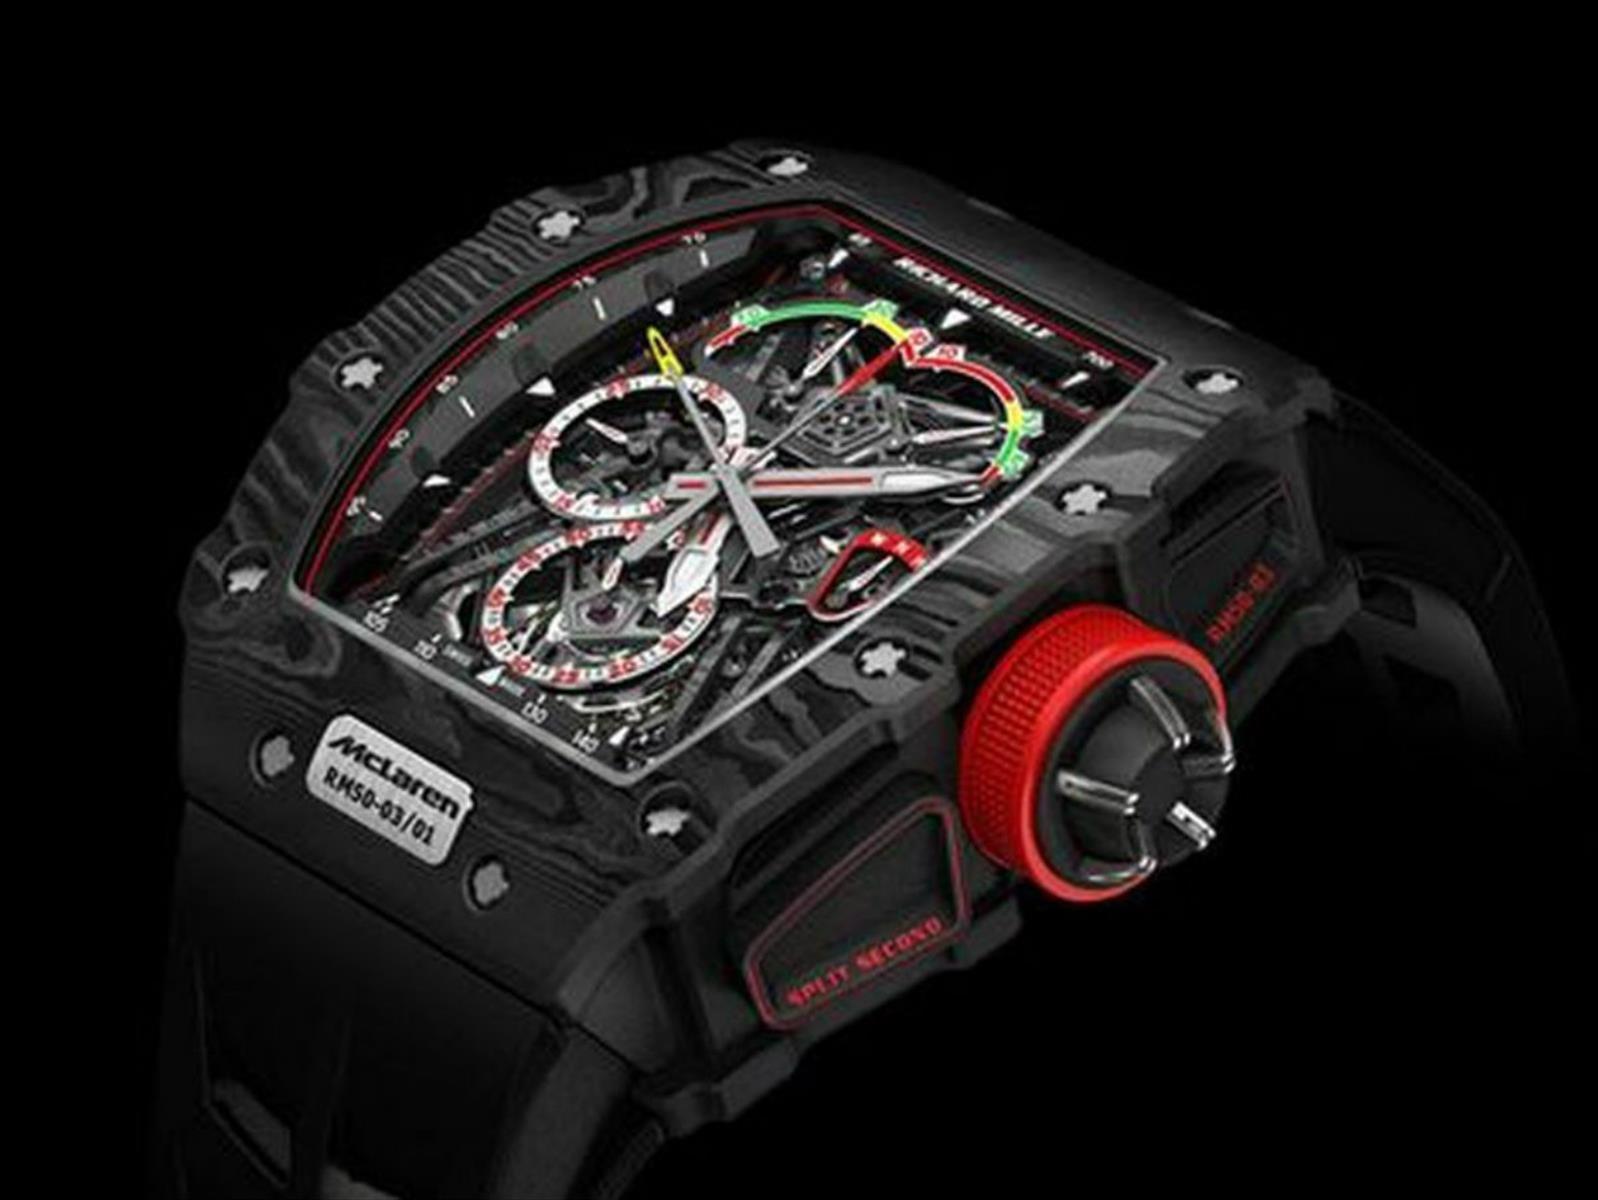 RM 50-03 McLaren F1, el nuevo reloj digno de la marca